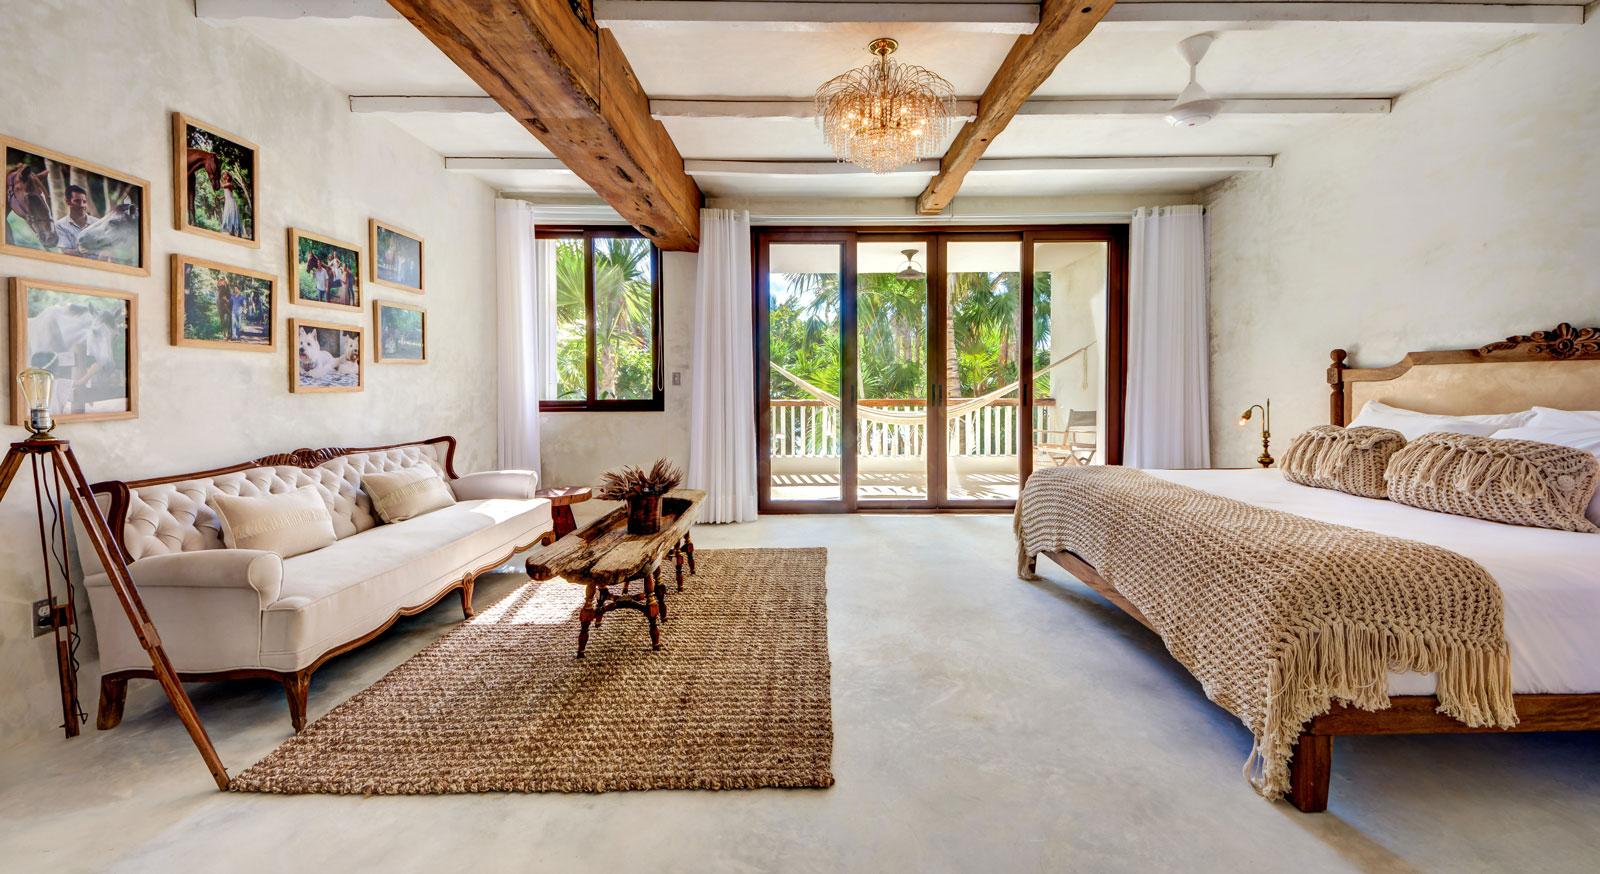 Maya_Luxe_Riviera_Maya_Luxury_Villas_Experiences_Soliman_Bay_Tulum_5_Bedrooms_Villa_La_Semilla_27.jpg